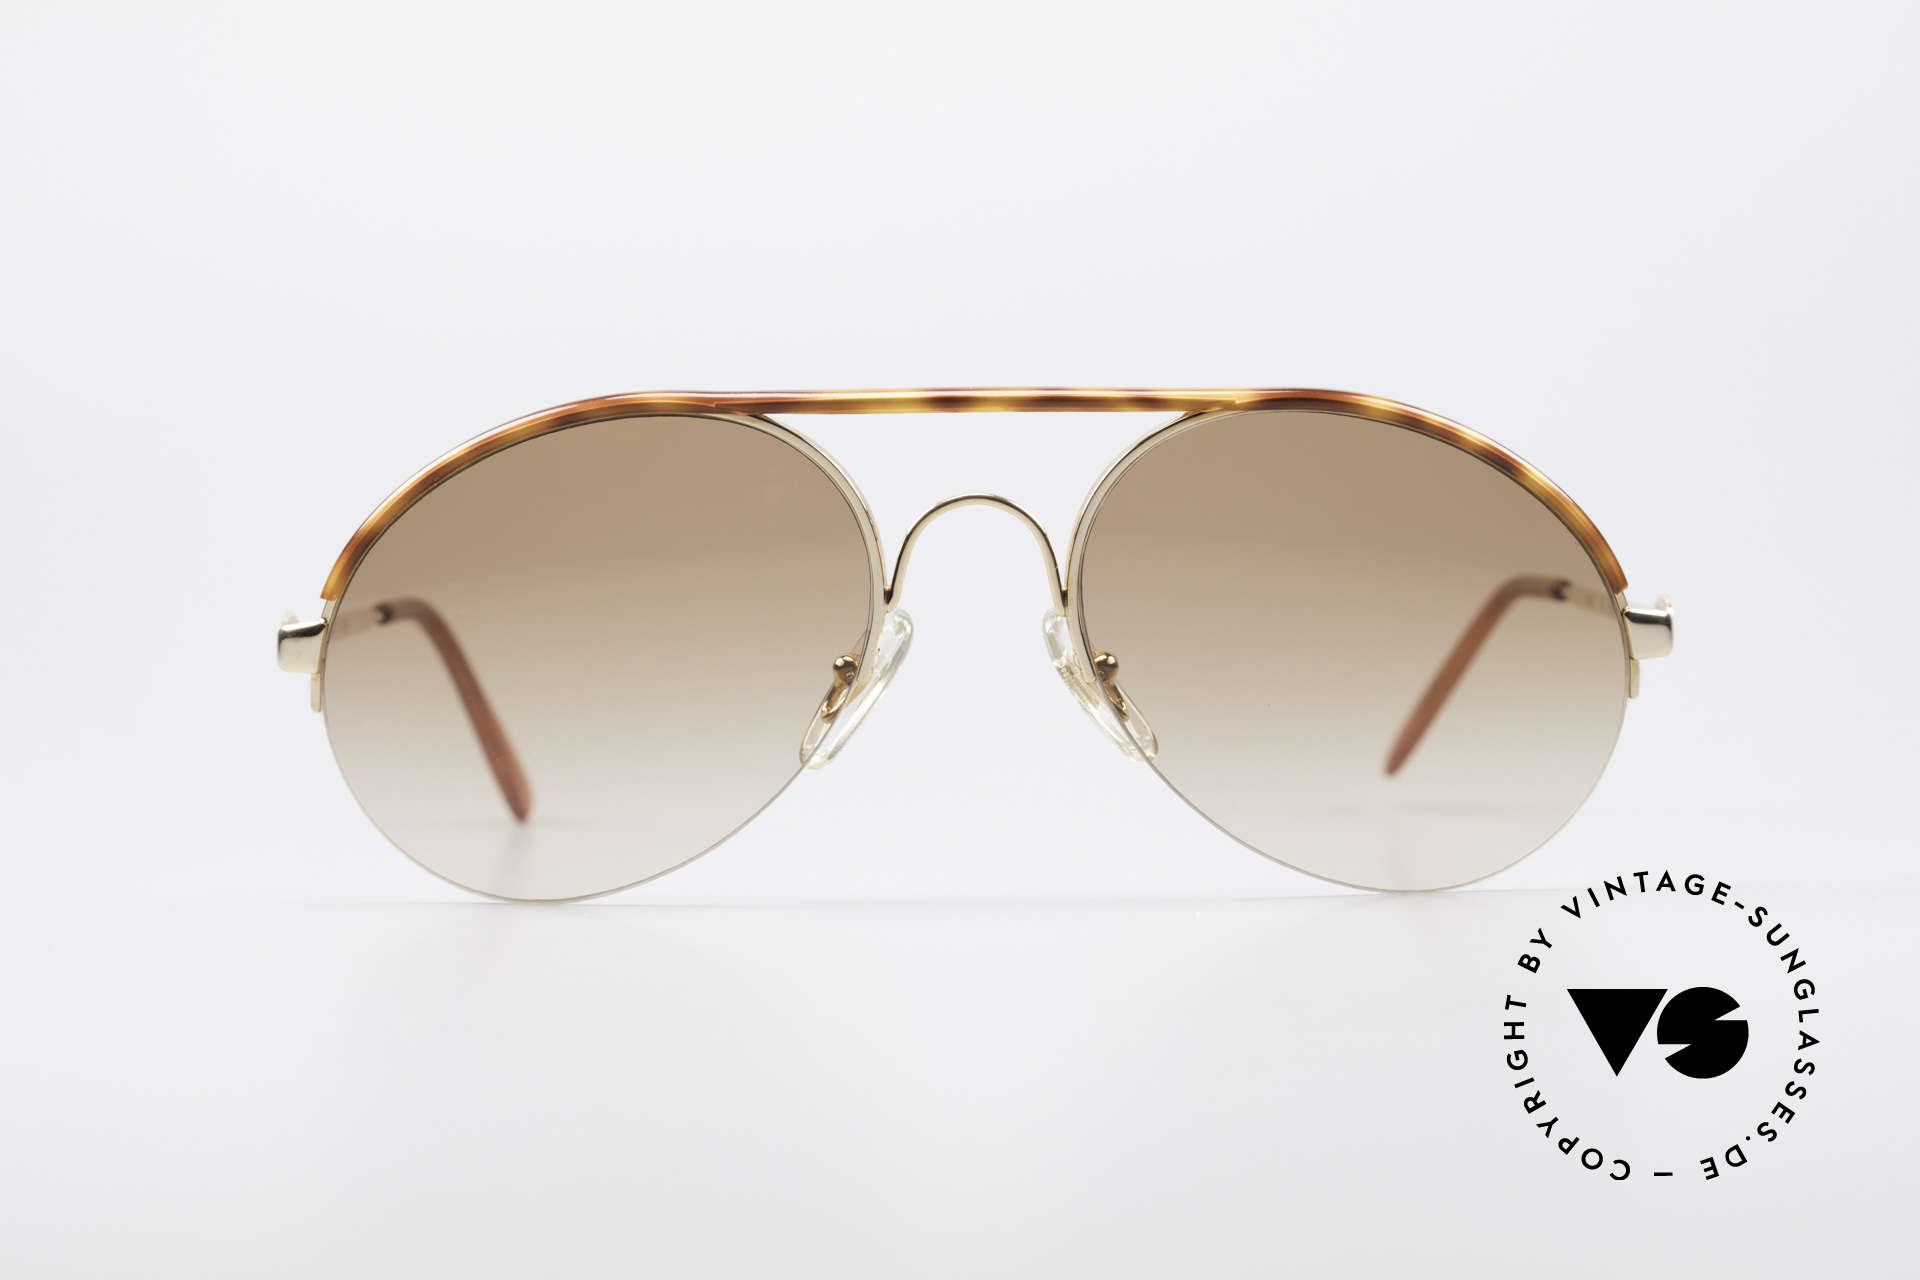 Bugatti 64919 Halb Rahmenlose Sonnenbrille, circa Anfang der 90er J. in Frankreich produziert, Passend für Herren